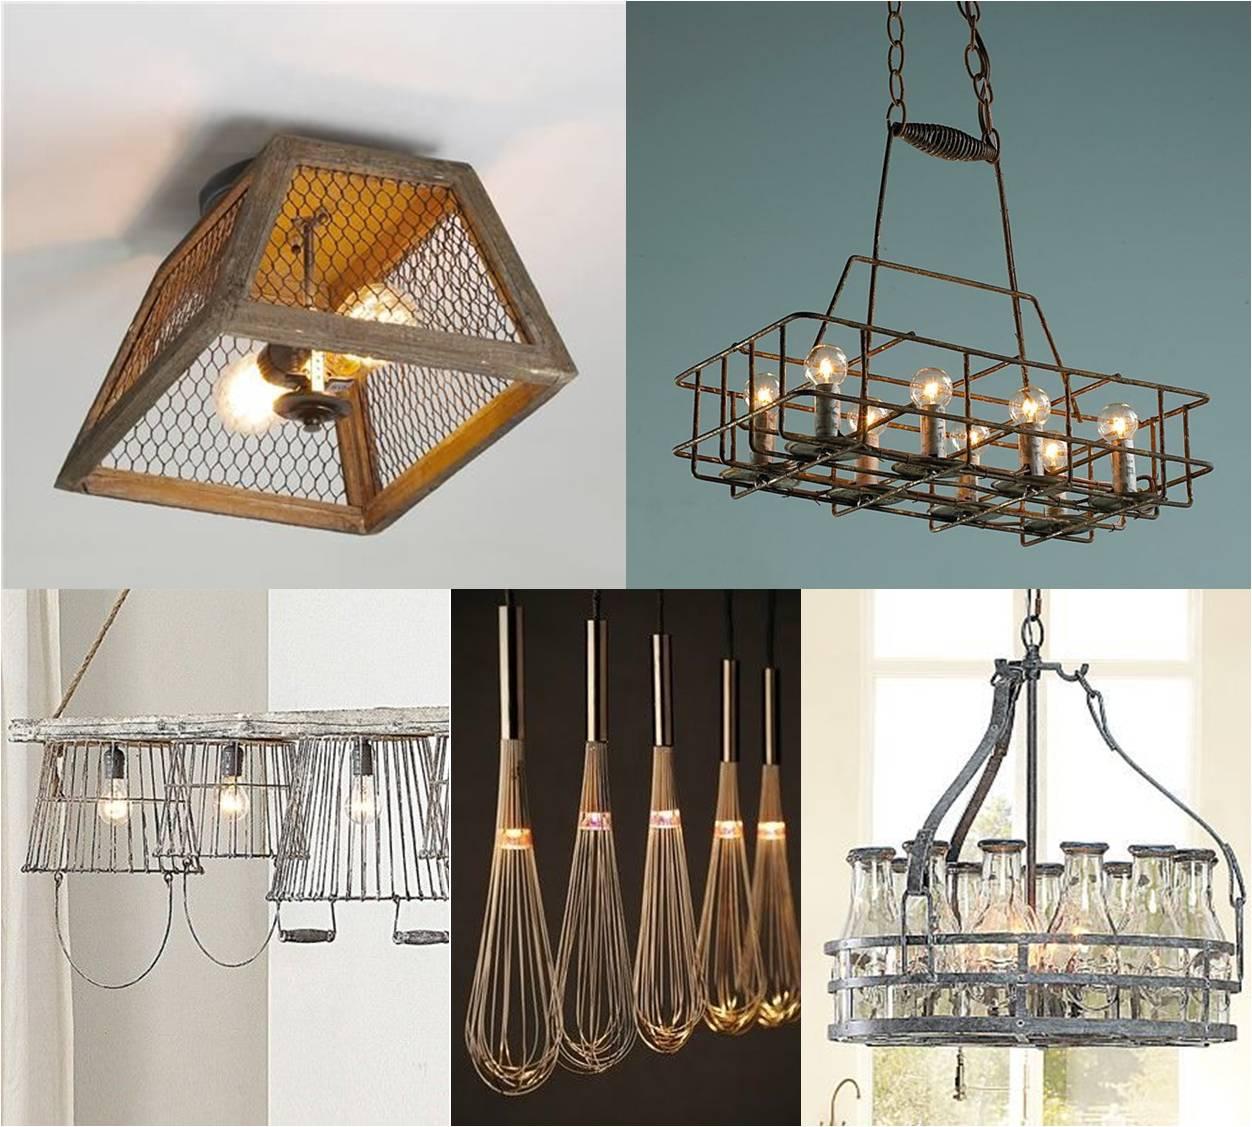 lampi creative din obiecte de bucatarie refolosite